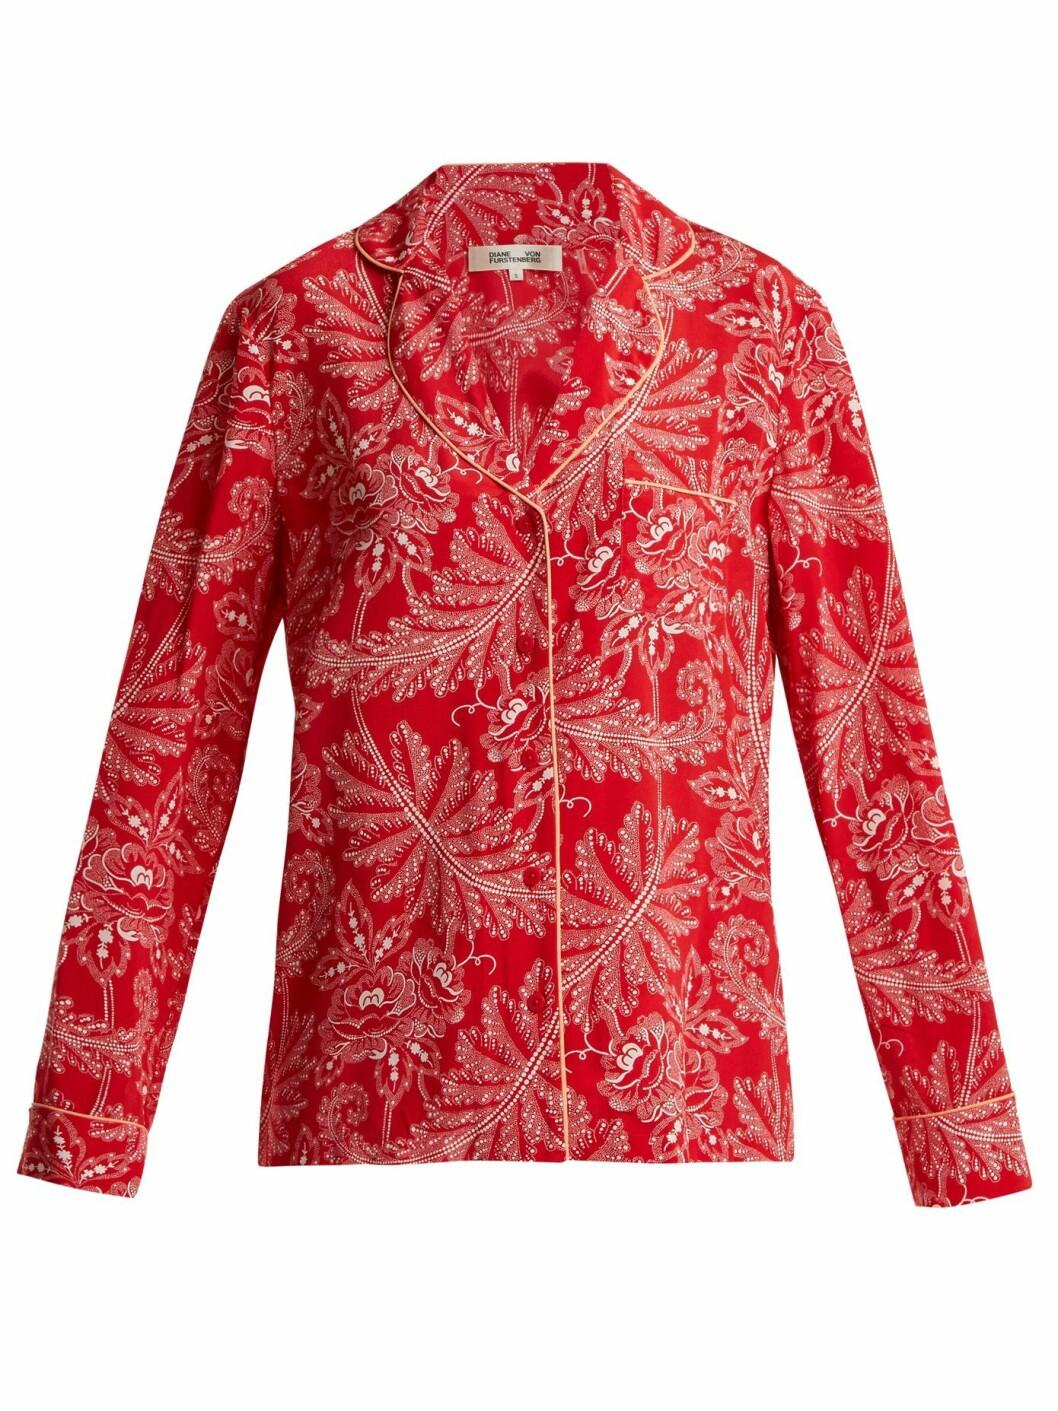 Overdel fra Diane von Furstenberg |1180,-| https://www.matchesfashion.com/intl/products/Diane-Von-Furstenberg-Floral-print-silk-crepe-de-Chine-pyjama-shirt--1185378